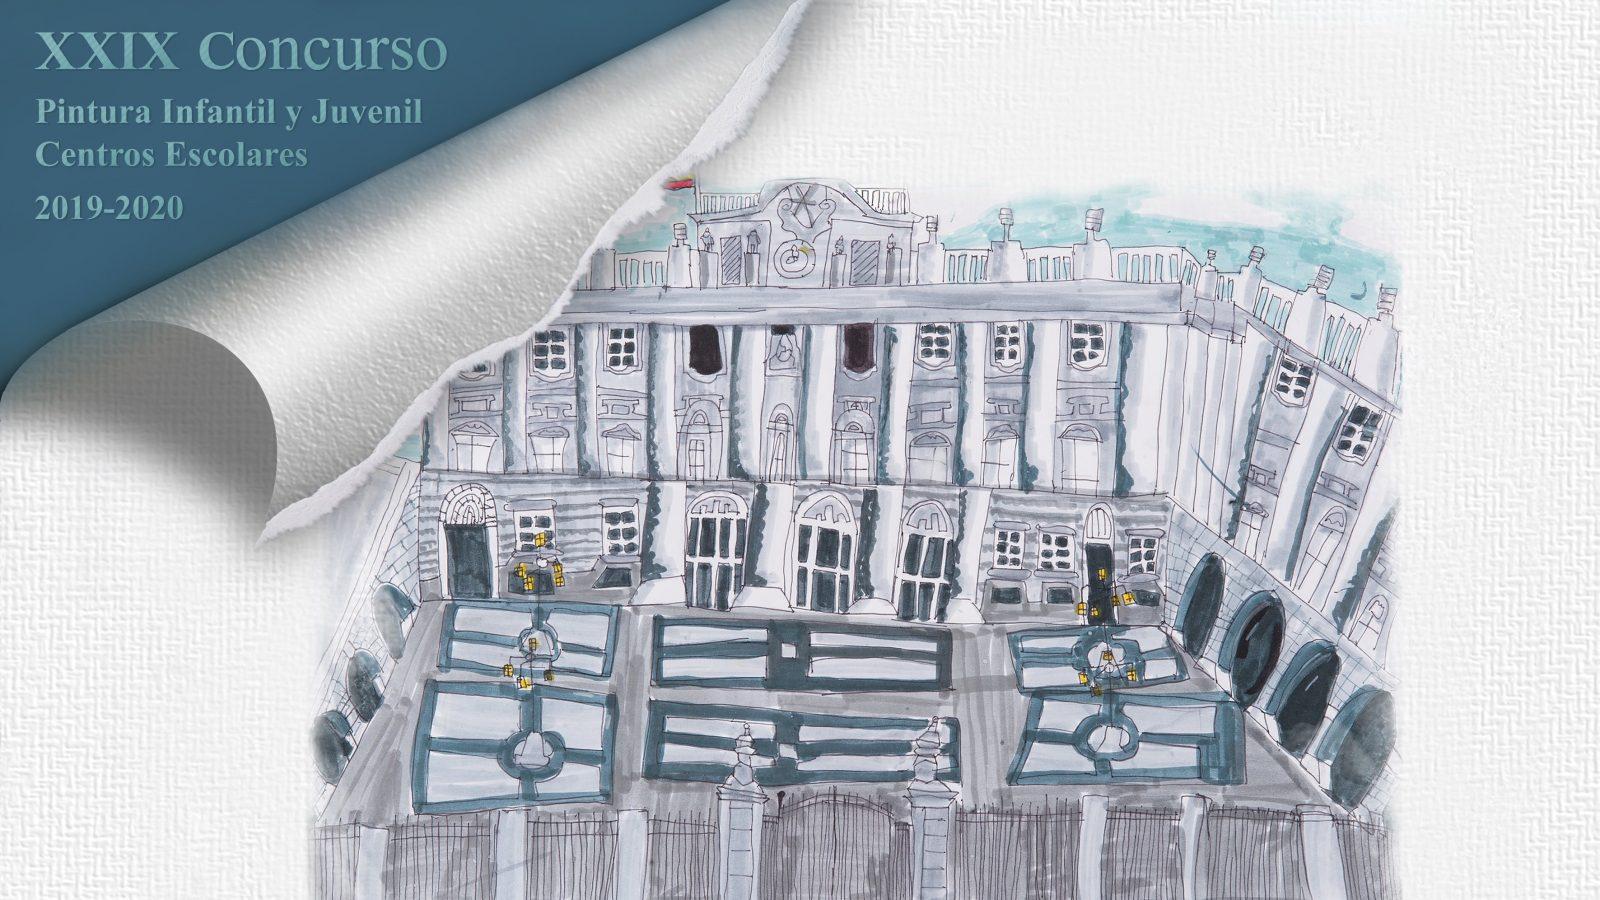 Resultado de imagen de XXIX Concurso Patrimonio Nacional de Pintura Infantil y Juvenil para Centros Escolares 2019-2020